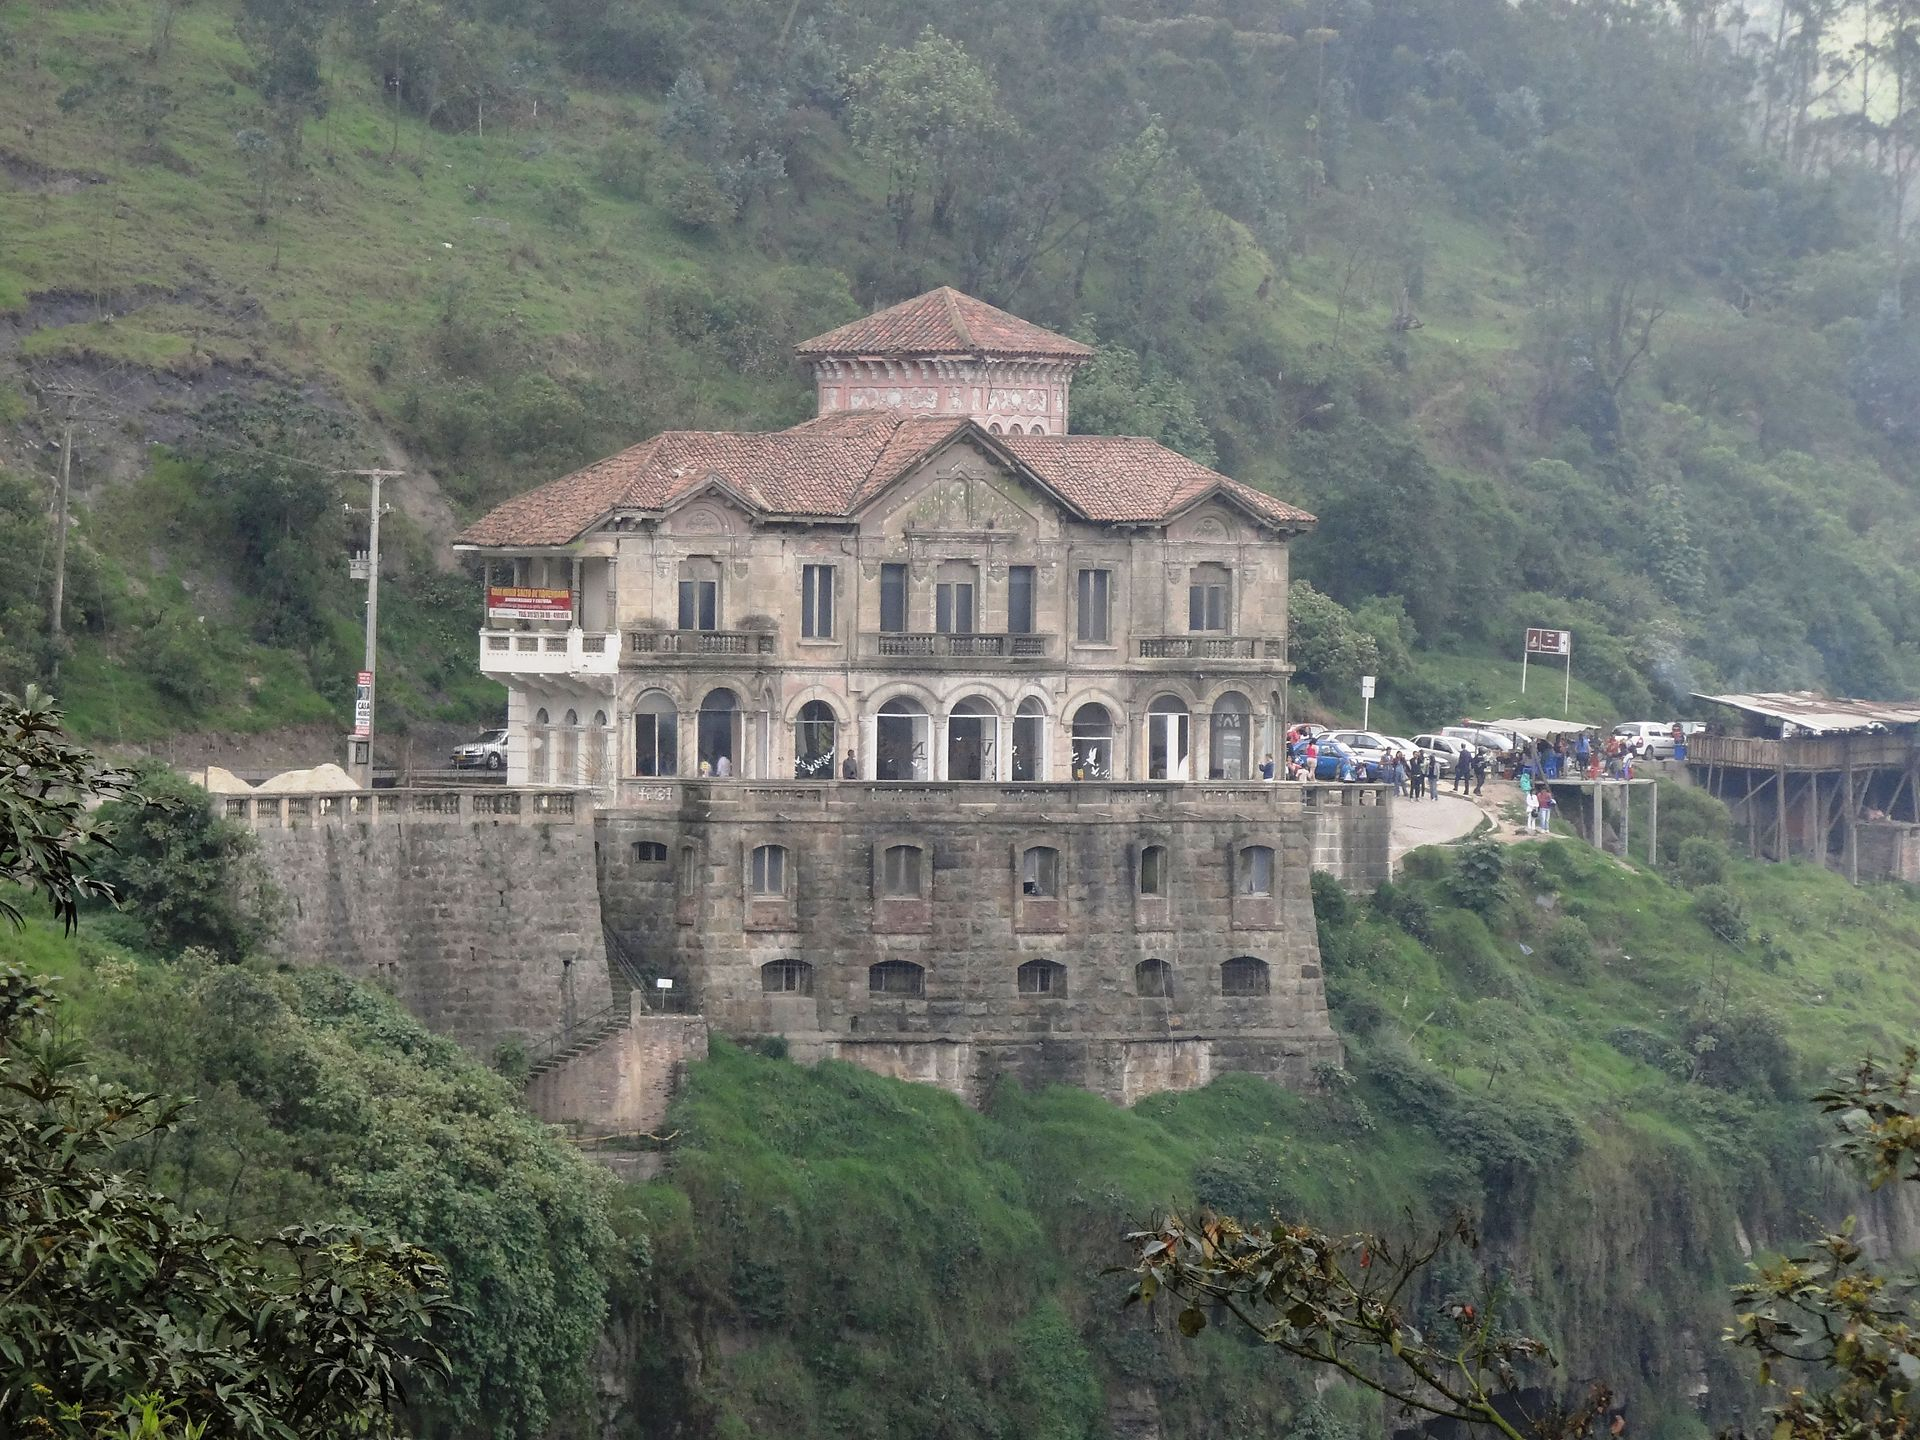 Casa museo salto de tequendama biodiversidad y cultura wikipedia la enciclopedia libre - Casas del salto ...